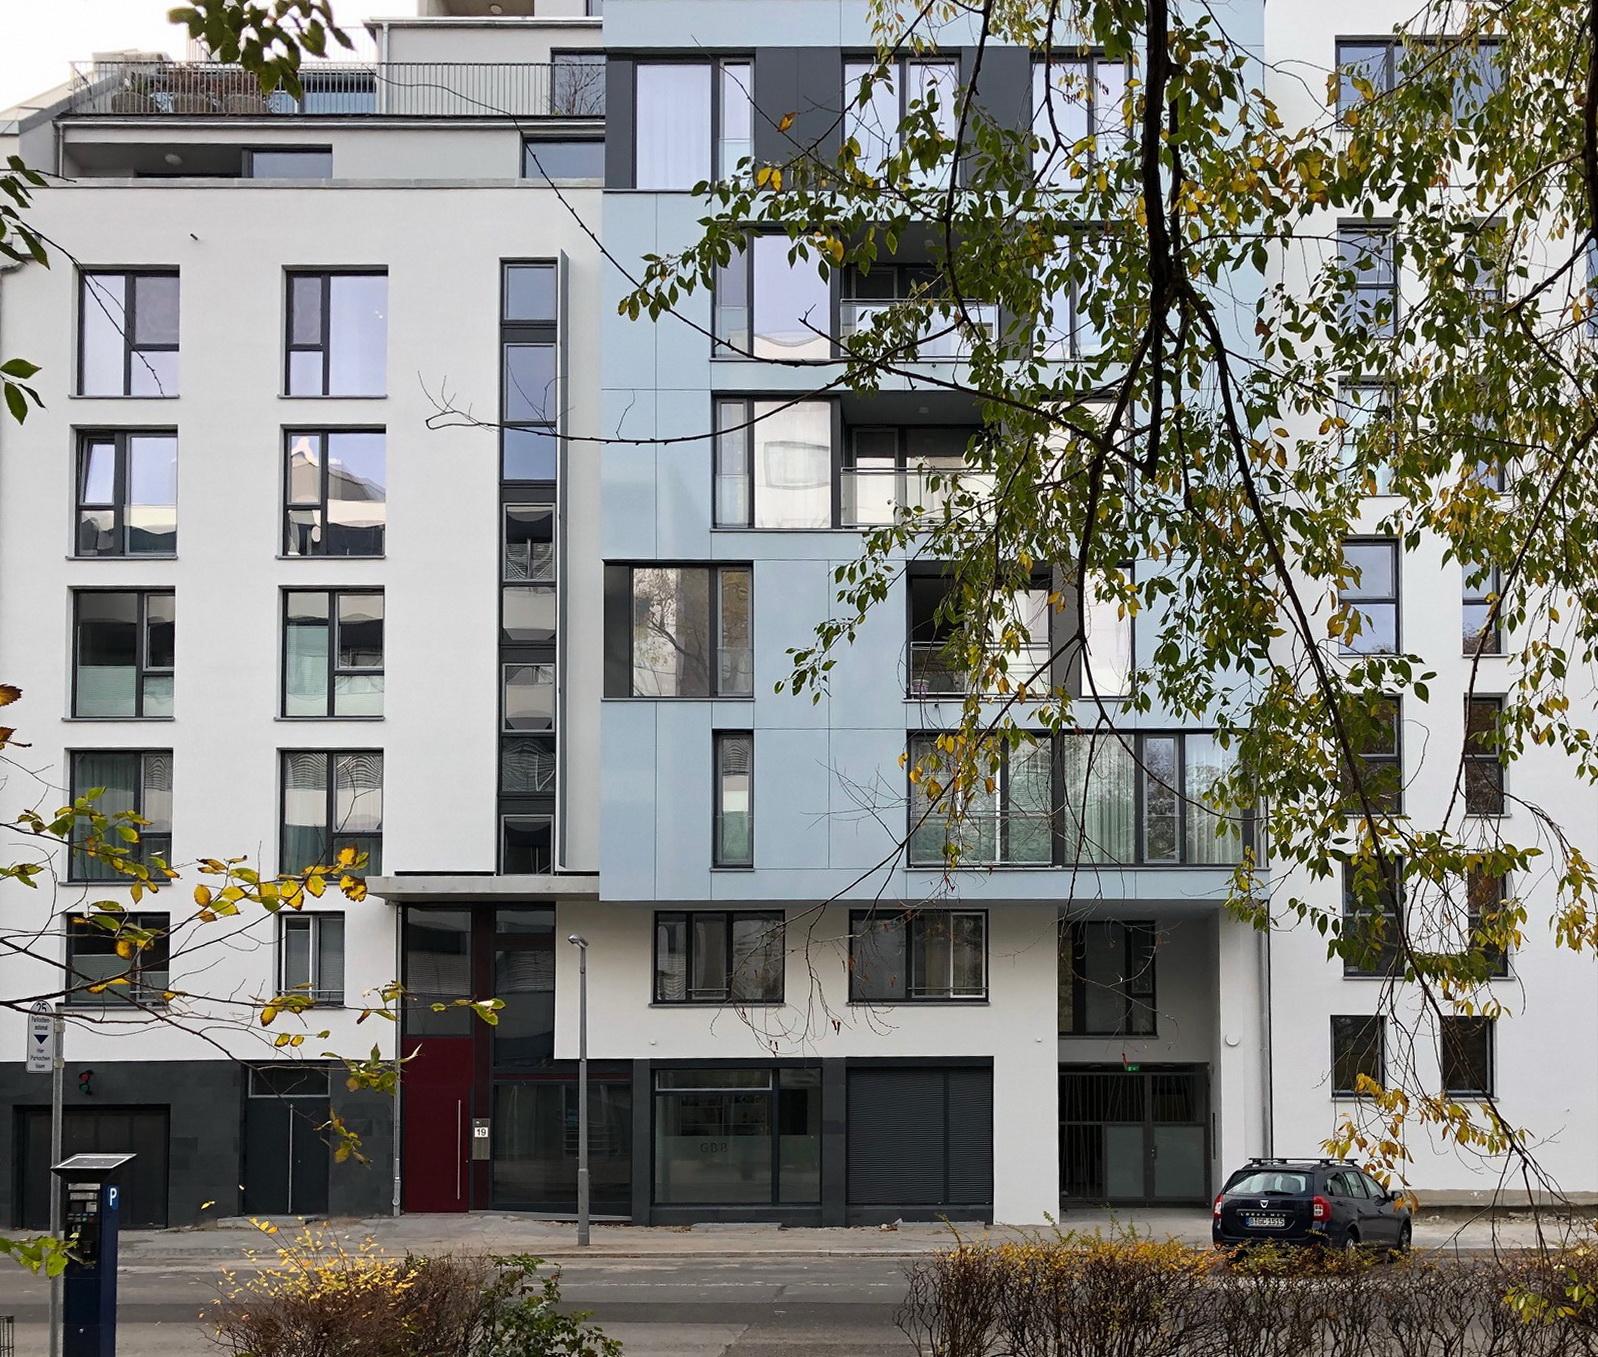 Wichmannstraße 19